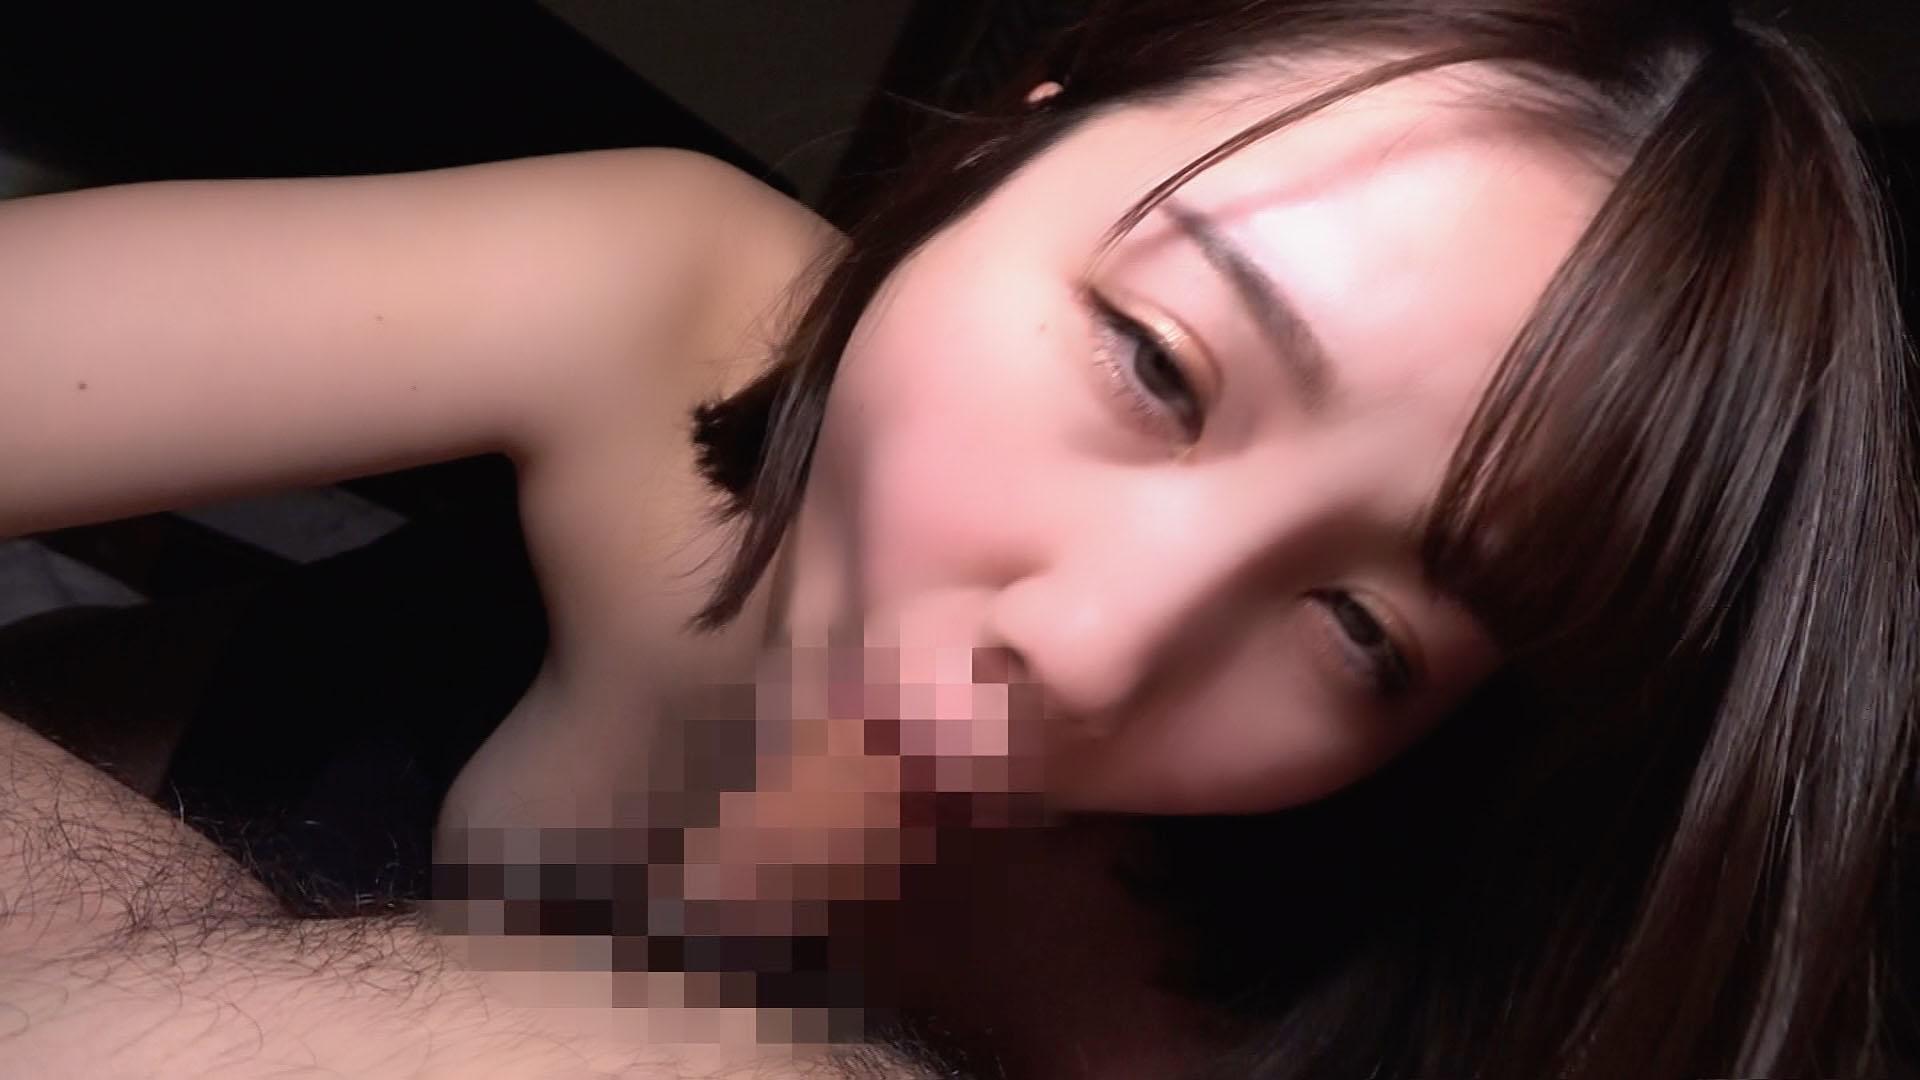 パコ撮りNo.24 体育会系の長身グラマーな陥没乳首巨乳J〇は生チン挿入を拒むも気持ち良さが勝り最後は中出しも許した!のサンプル画像7